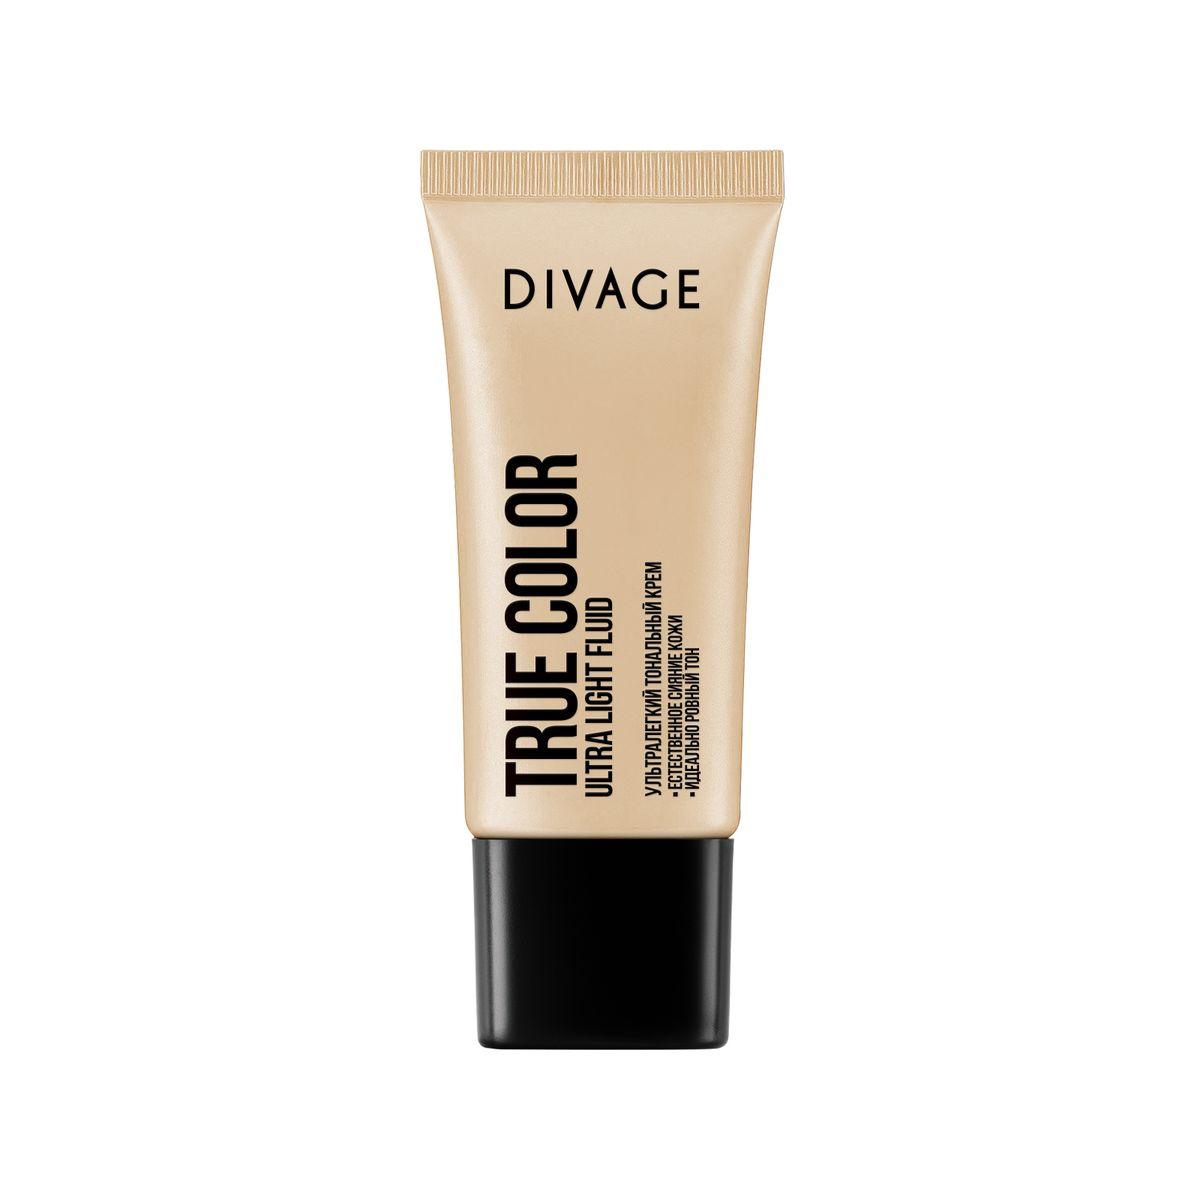 DIVAGE Тональный крем TRUE COLOR, тон № 01, 30 мл219579Невидимая и лёгкая тональная основа с прозрачной водянистой текстурой эффективно увлажняет и освежает кожу. Влага наполняет клетки и хорошо удерживается в поверхности кожи. Масло авокадо и витамины Е помогают клеткам кожи противостоять вредным воздействиям окружающей среды. Хорошо увлажнённая и защищённая кожа выглядит свежей, ухоженной и ровной без ощущения маски на лице.Красивая кожа лица - секрет идеального макияжа и залог твоего хорошего настроения, поэтому выбору тонального крема стоит уделить особое внимание! Выбирай тональный крем в соответствии с твоим типом кожи. Наносить тональный крем лучше от центра лица, двигаясь к периферии. Ты можешь выбрать для нанесения любой способ. Влажный спонж обеспечит максимально тонкий и равномерный слой тонального средства, кистью лучше получится выполнить более плотное покрытие, а нанесение пальчиками подарит естественный эффект. Совершенство возможно с DIVAGE!